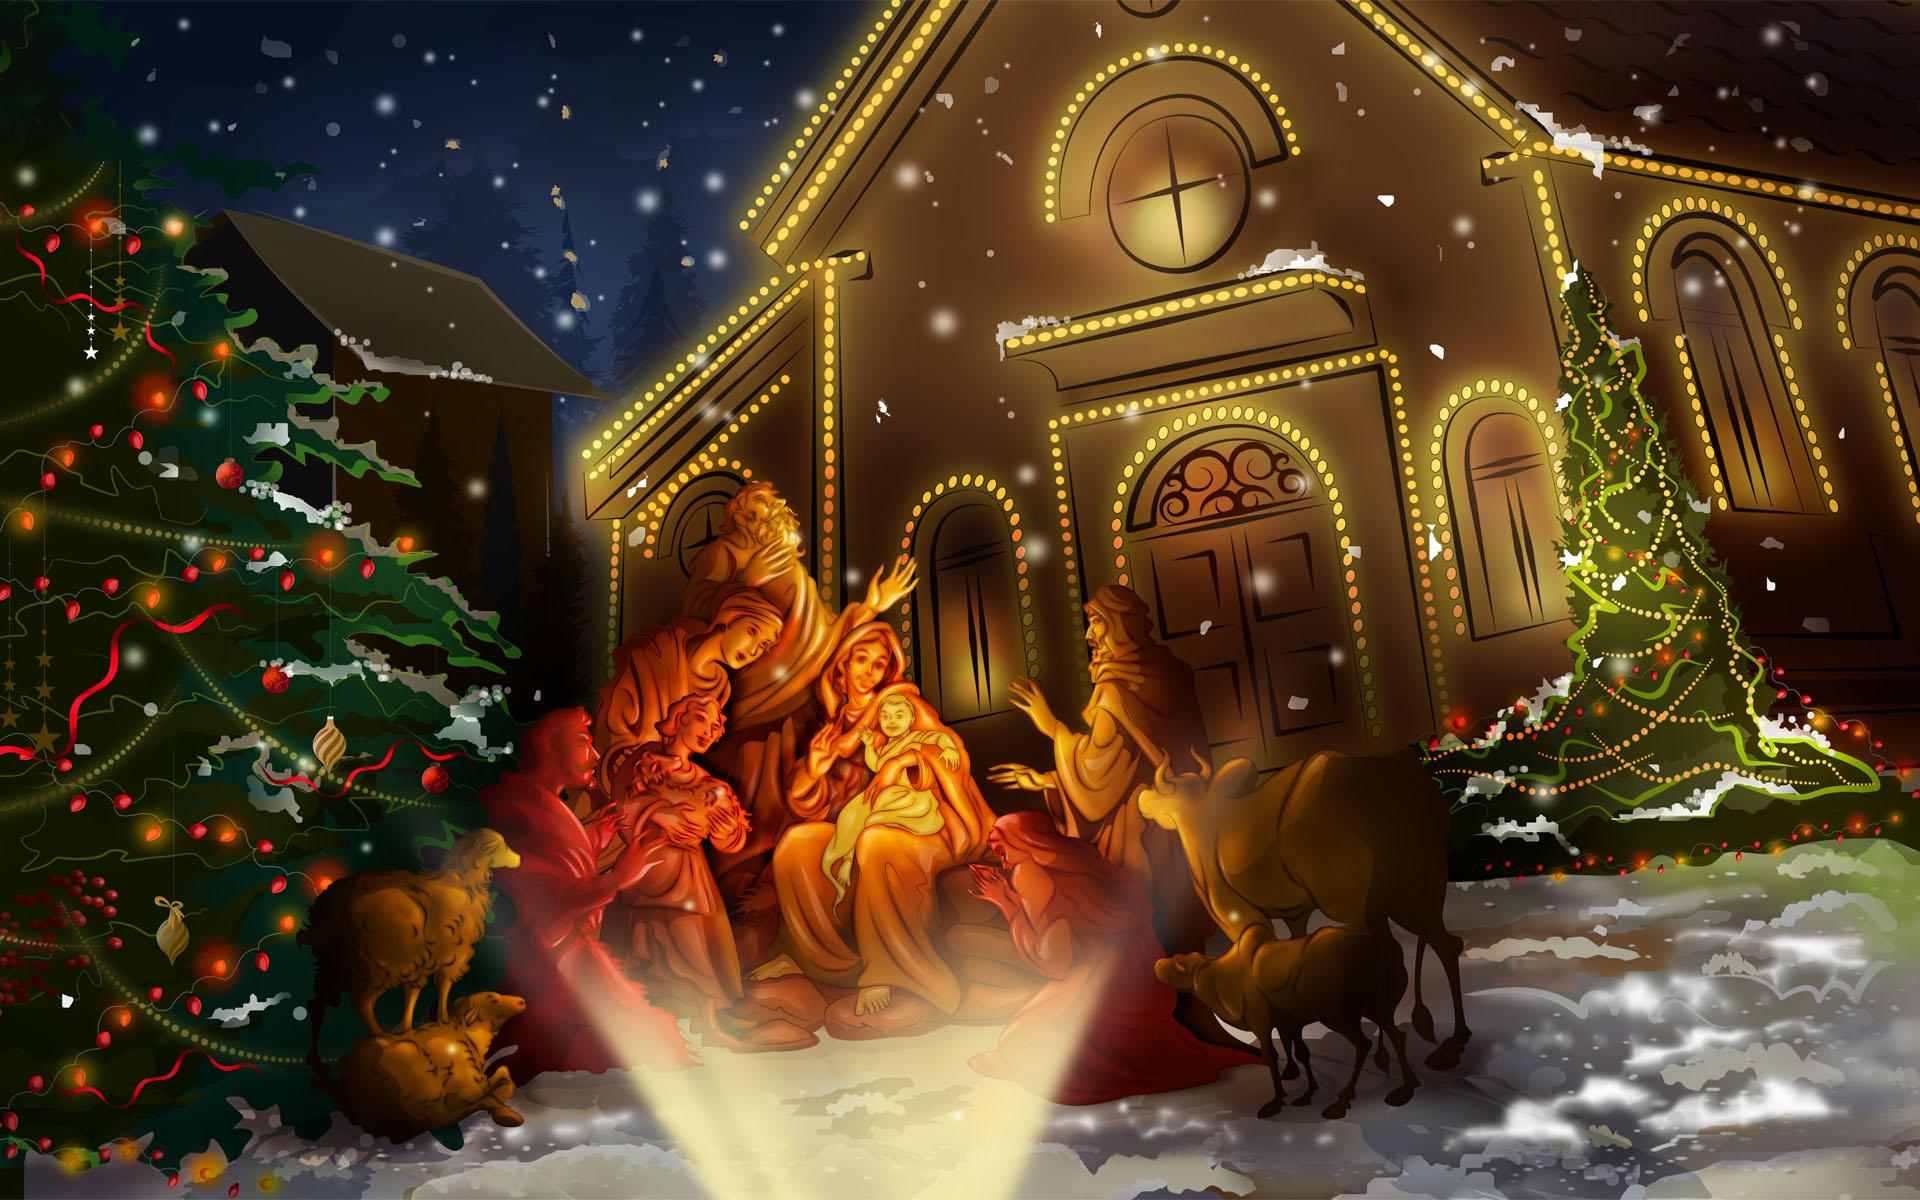 Immagini Desktop Natale Animate.Sfondi Natale Hd Desktop Presepio Sfondi Hd Gratis